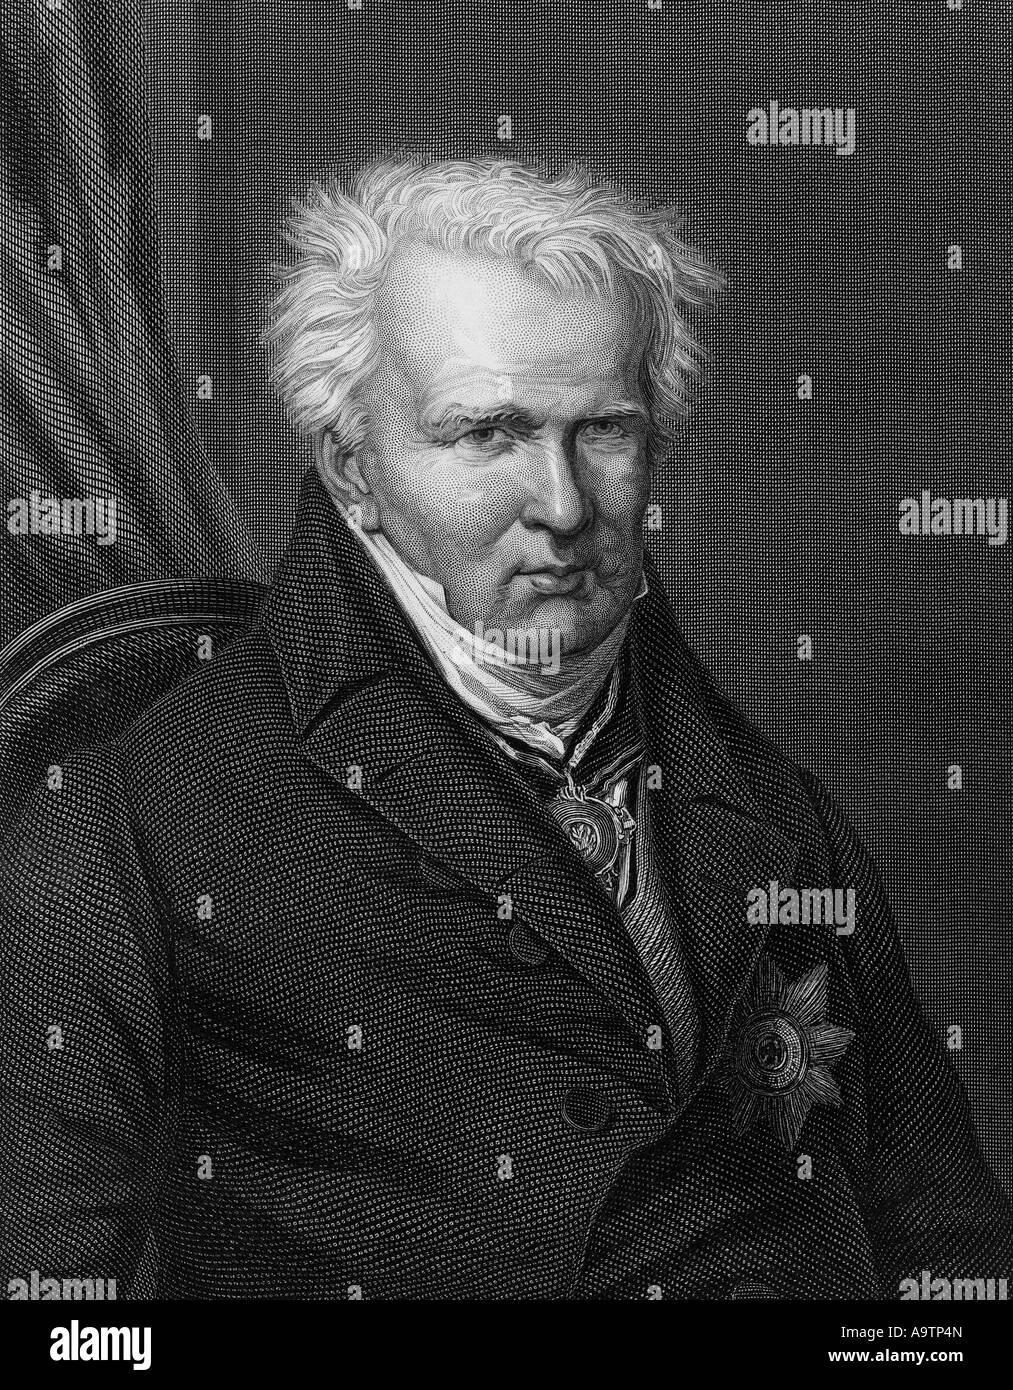 ALEXANDER VON HUMBOLDT  (1769-1859) German naturalist and explorer - Stock Image